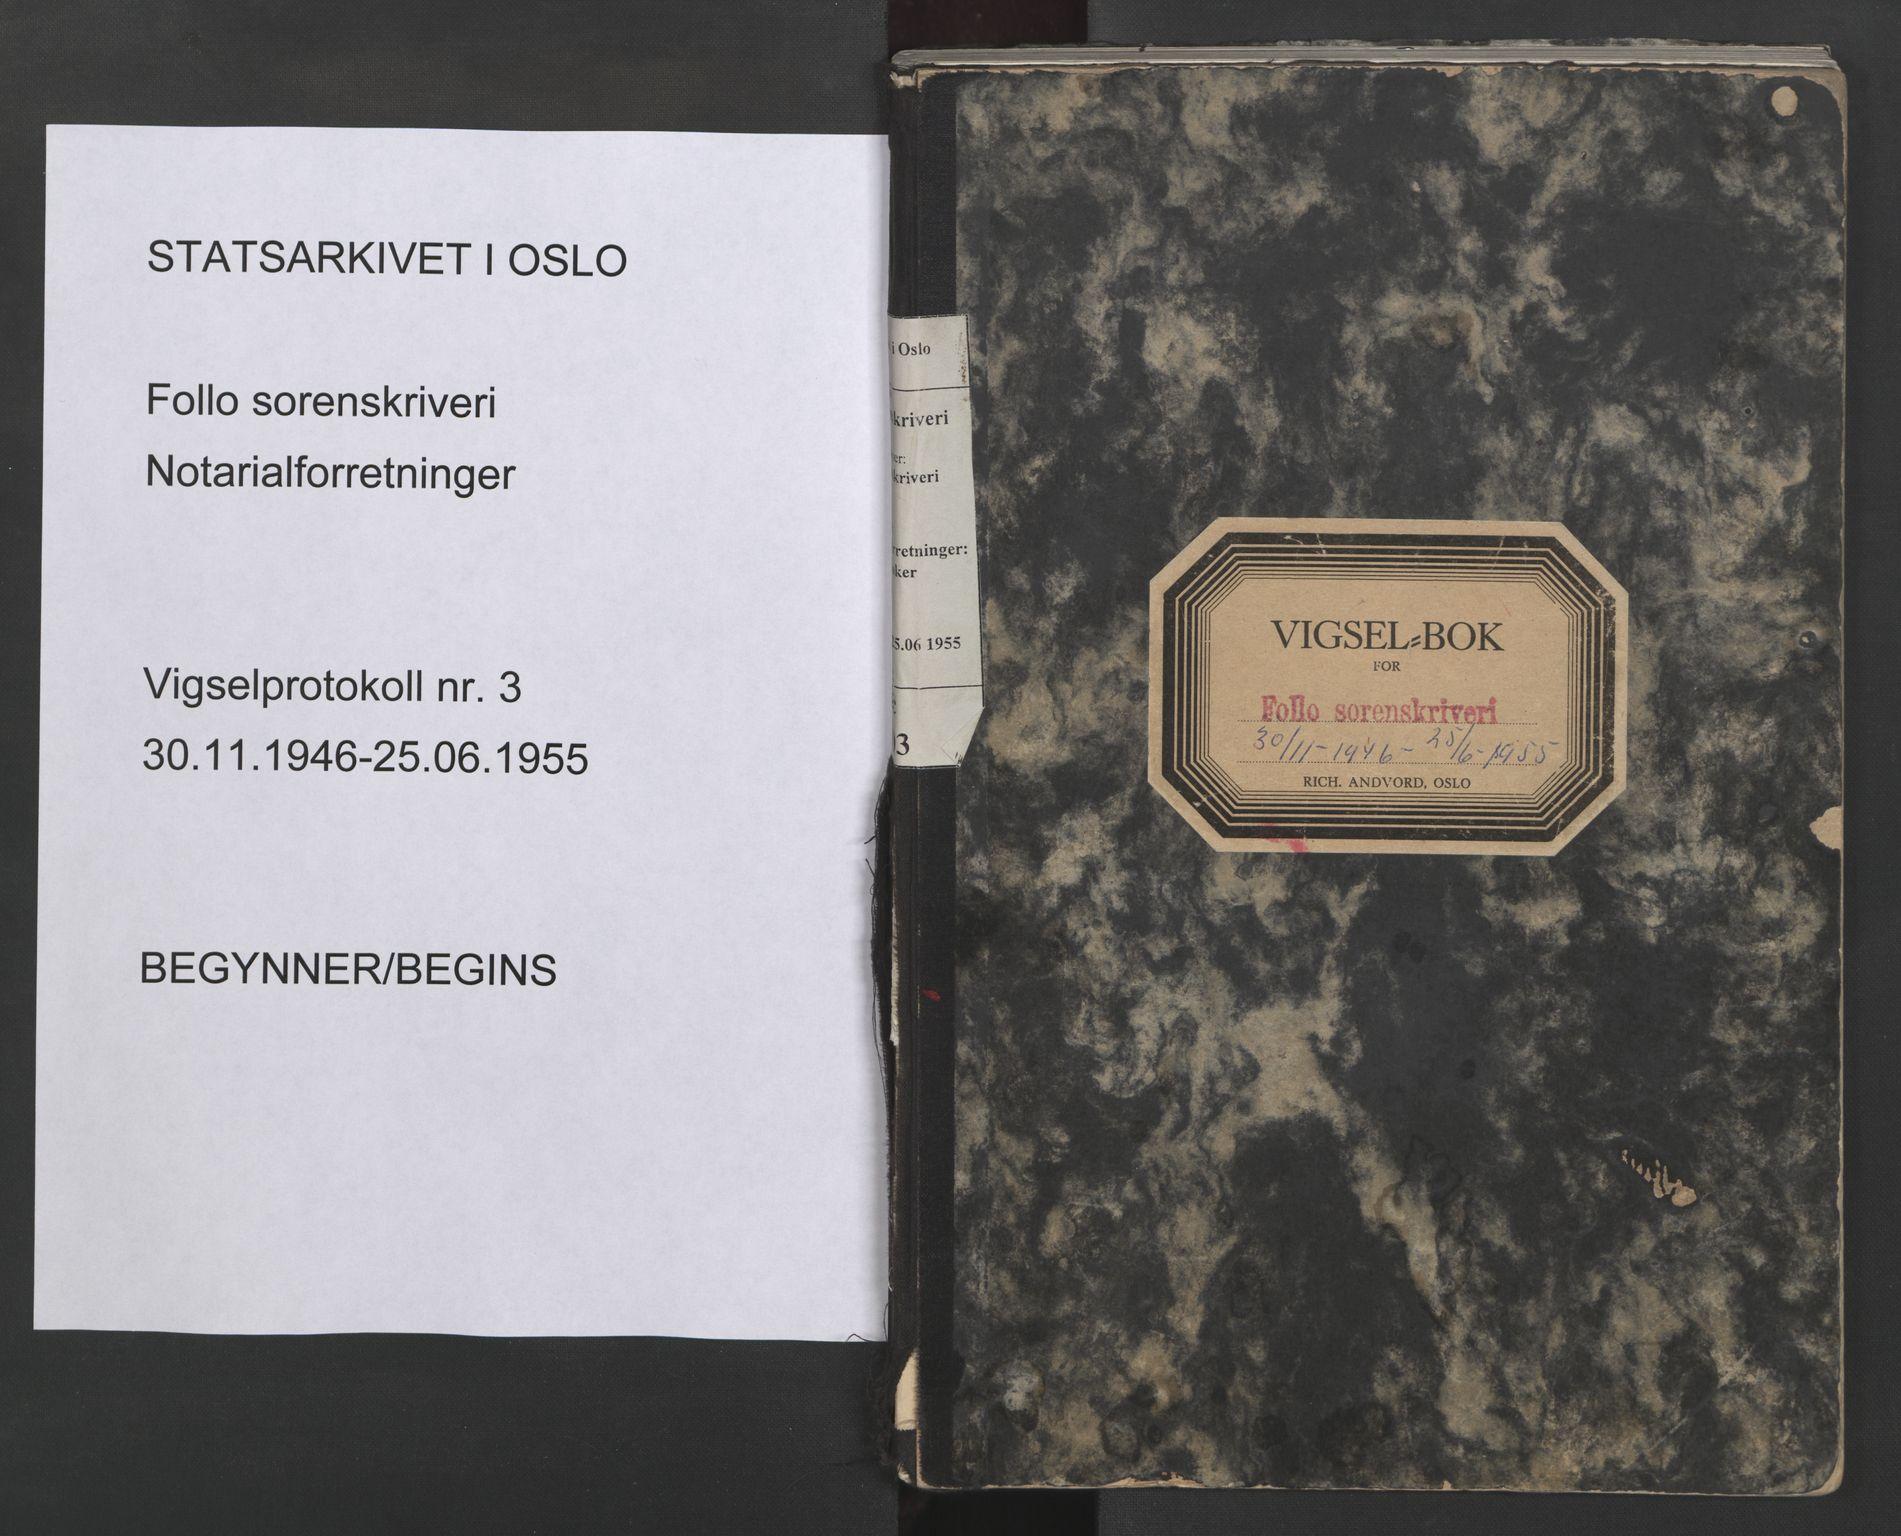 SAO, Follo sorenskriveri, L/La/Lab/L0003: Vigselsbok, 1946-1955, s. upaginert